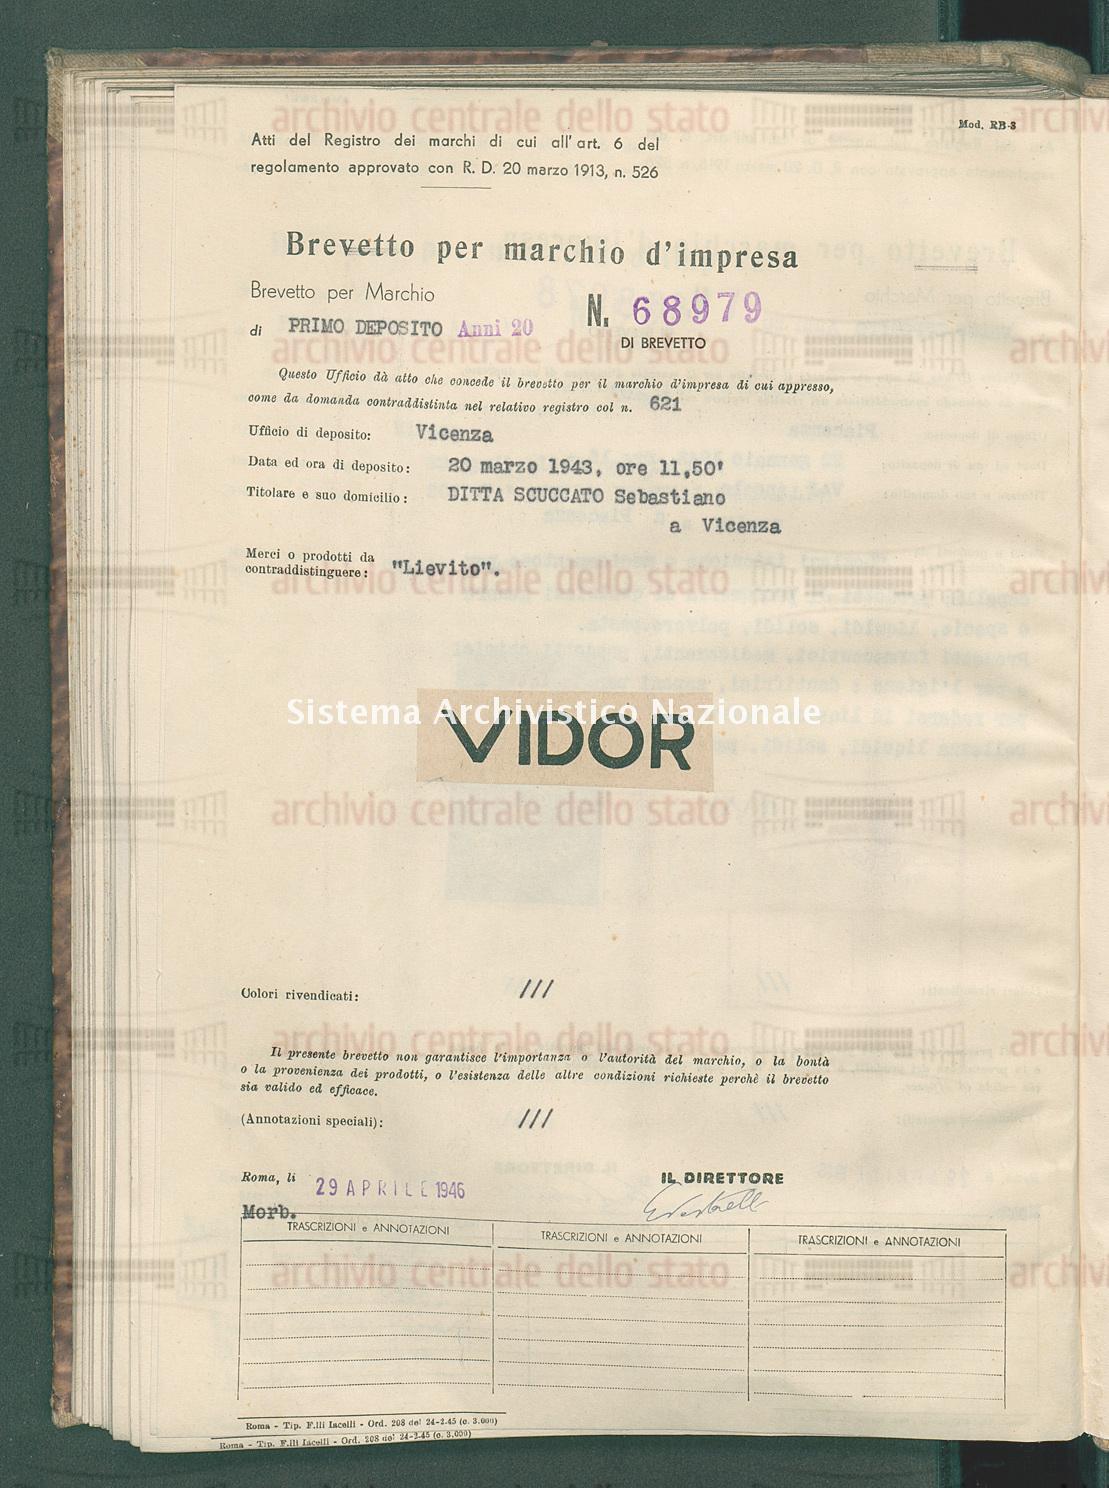 'Lievito' Ditta Scuccato Sebastiano (29/04/1946)